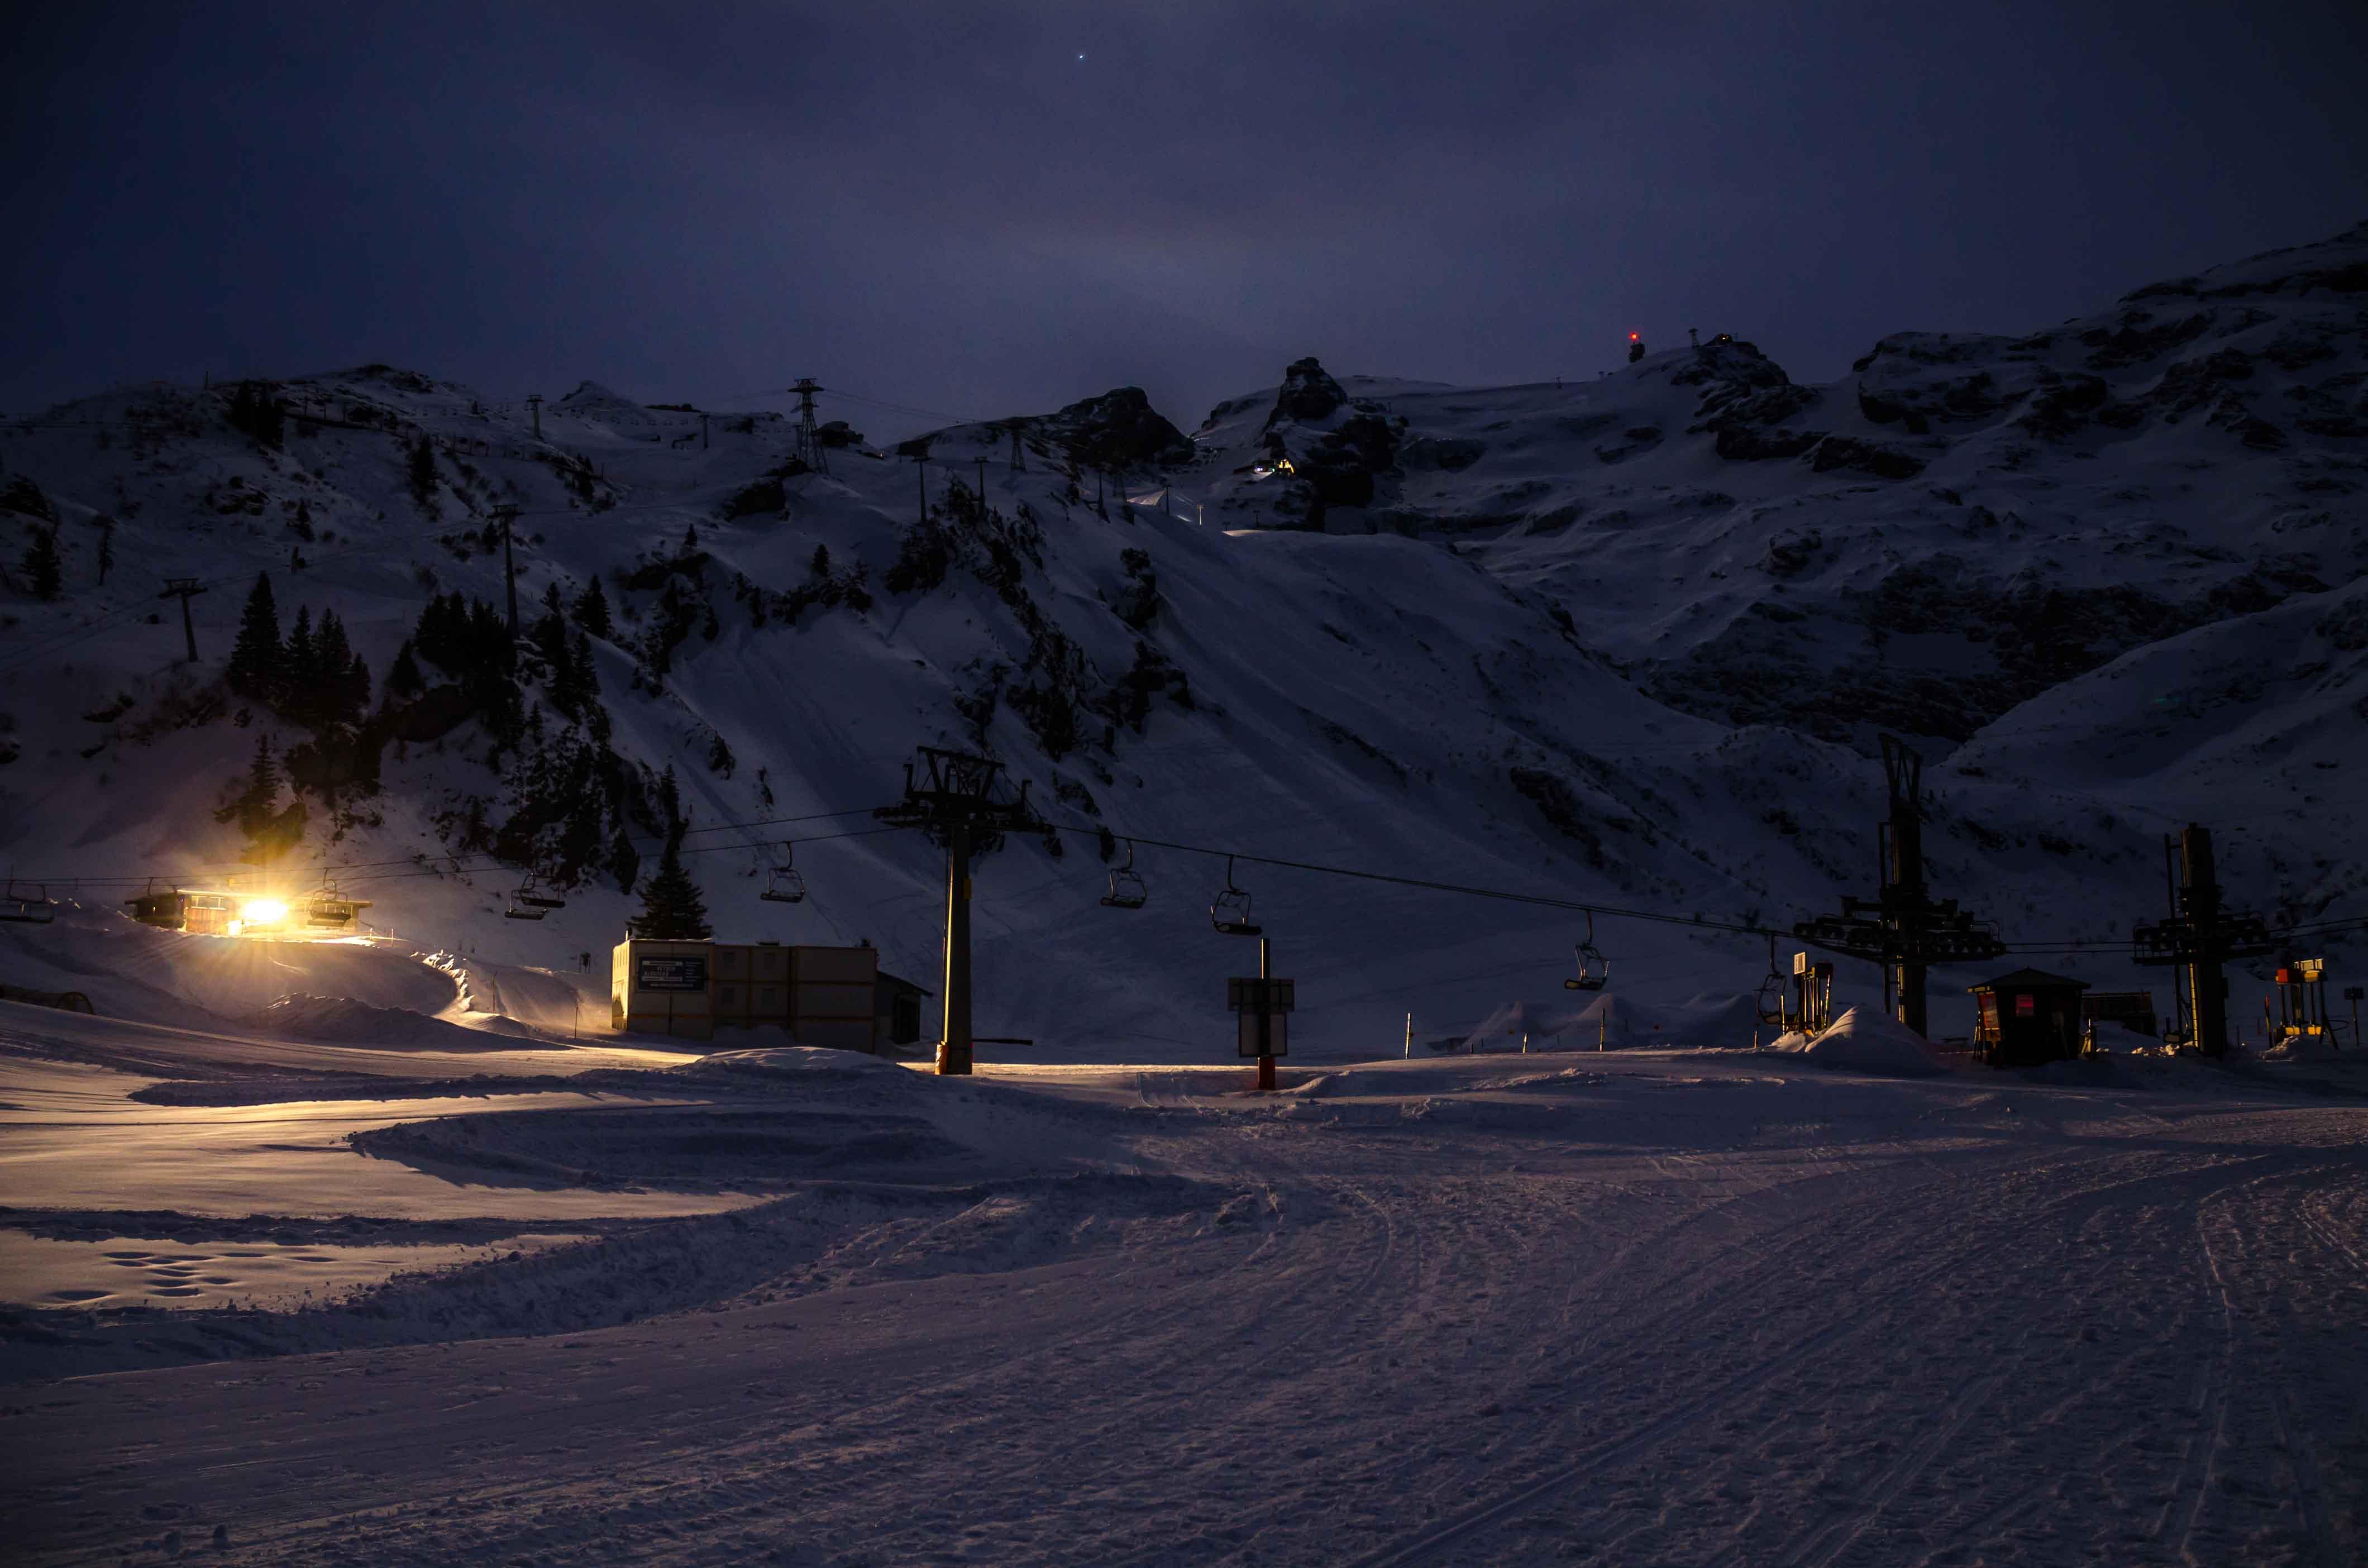 estacion engelberg de noche